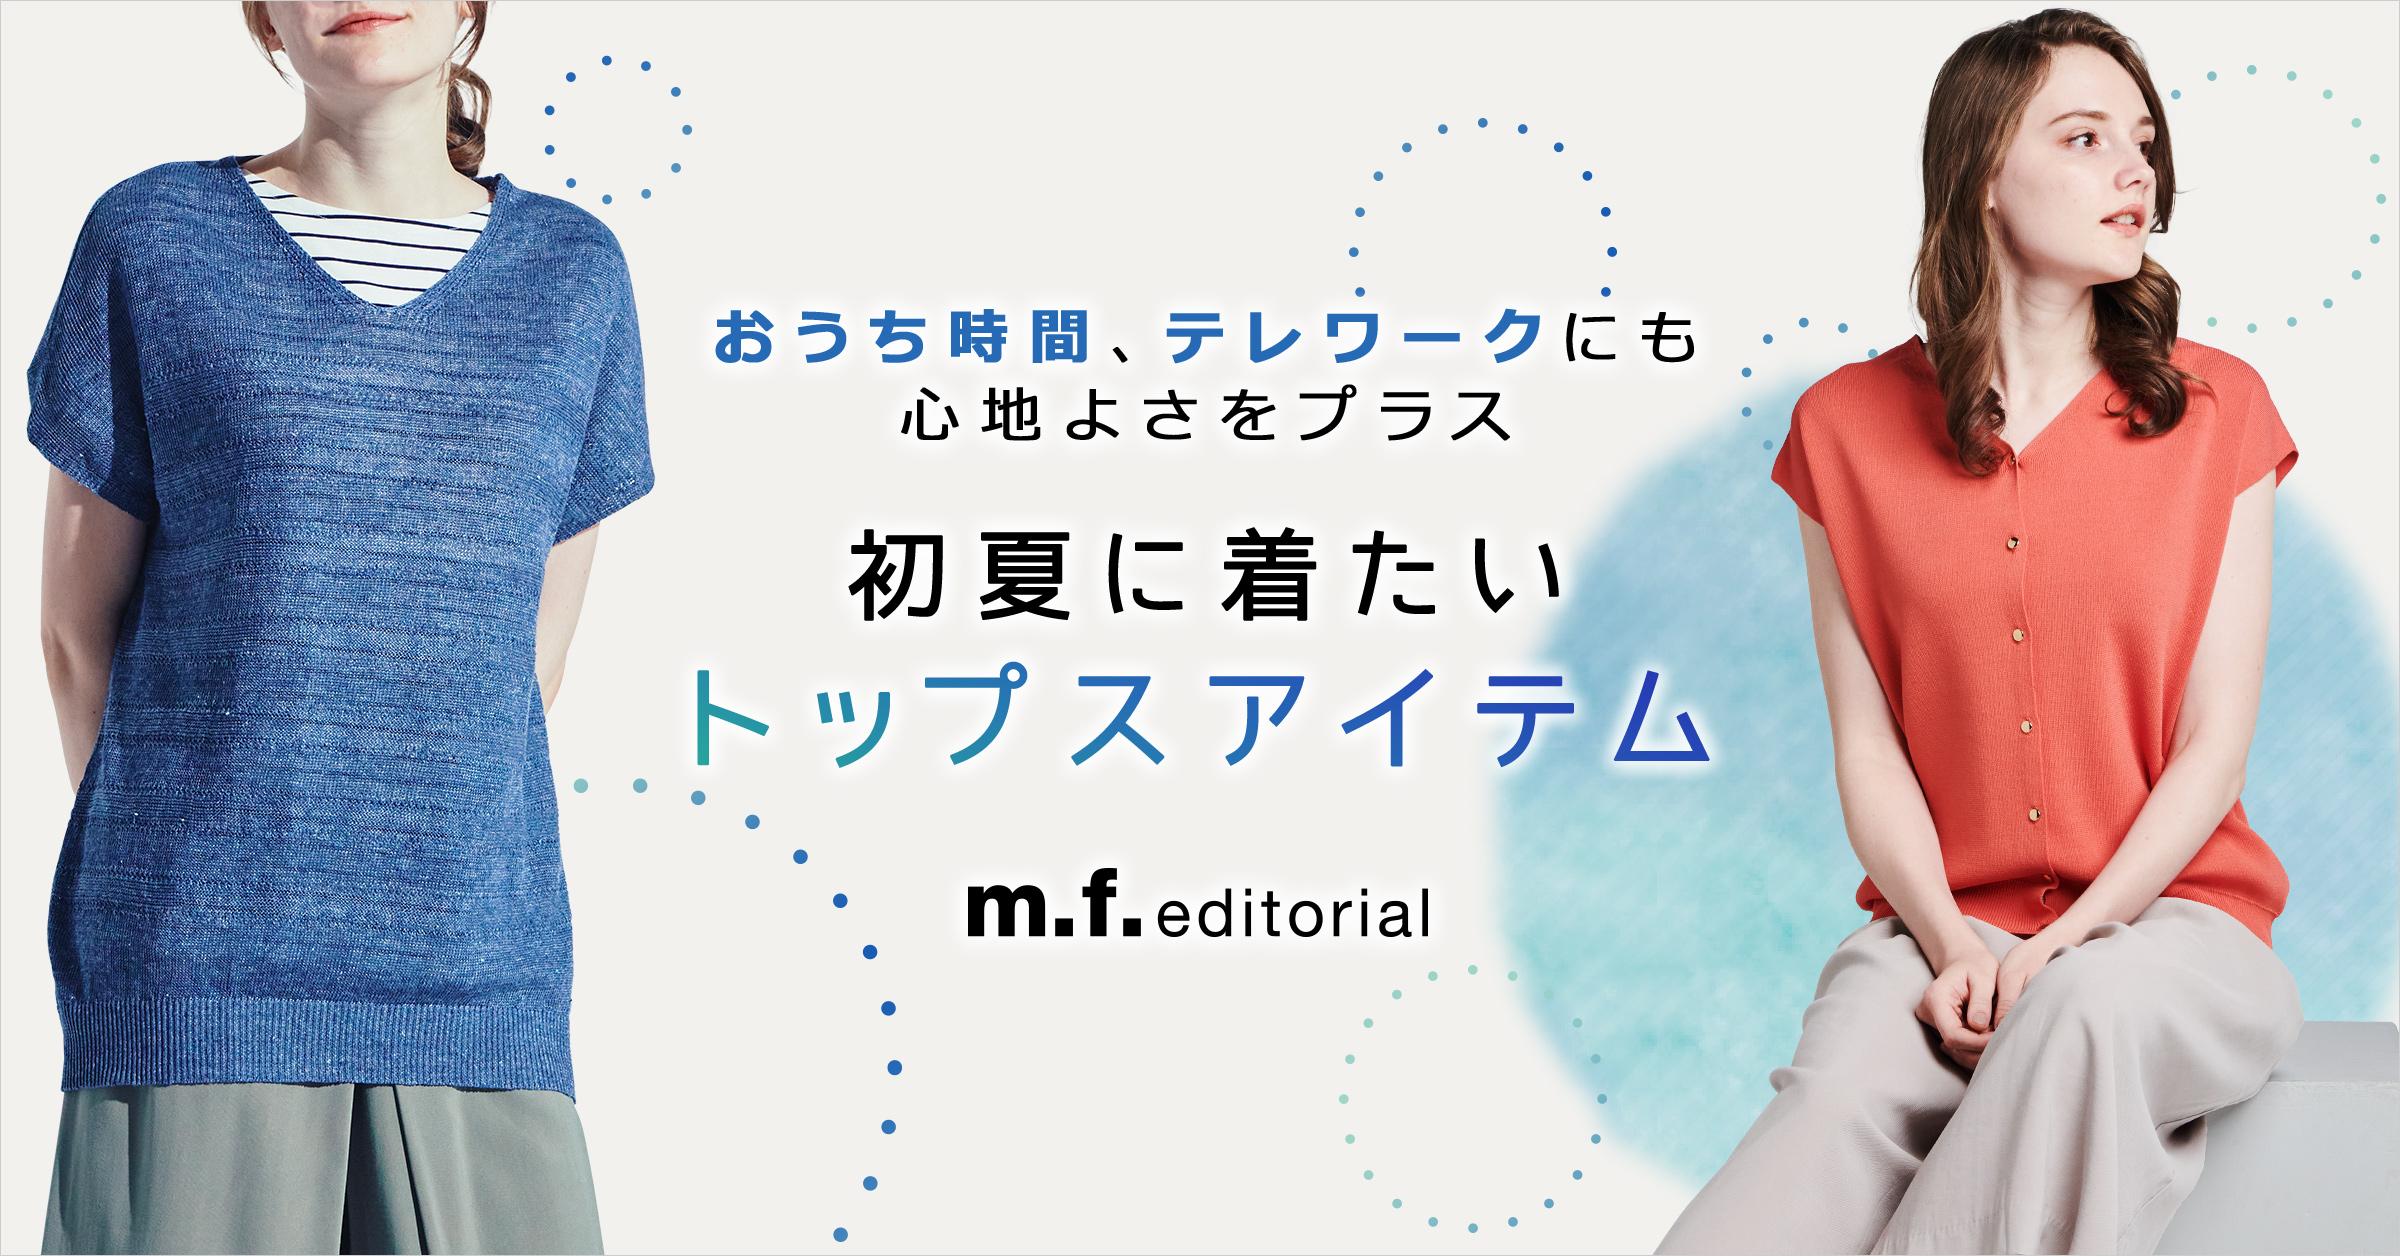 m.f.editorial(エム・エフ・エディトリアル) 初夏に着たいトップスアイテム